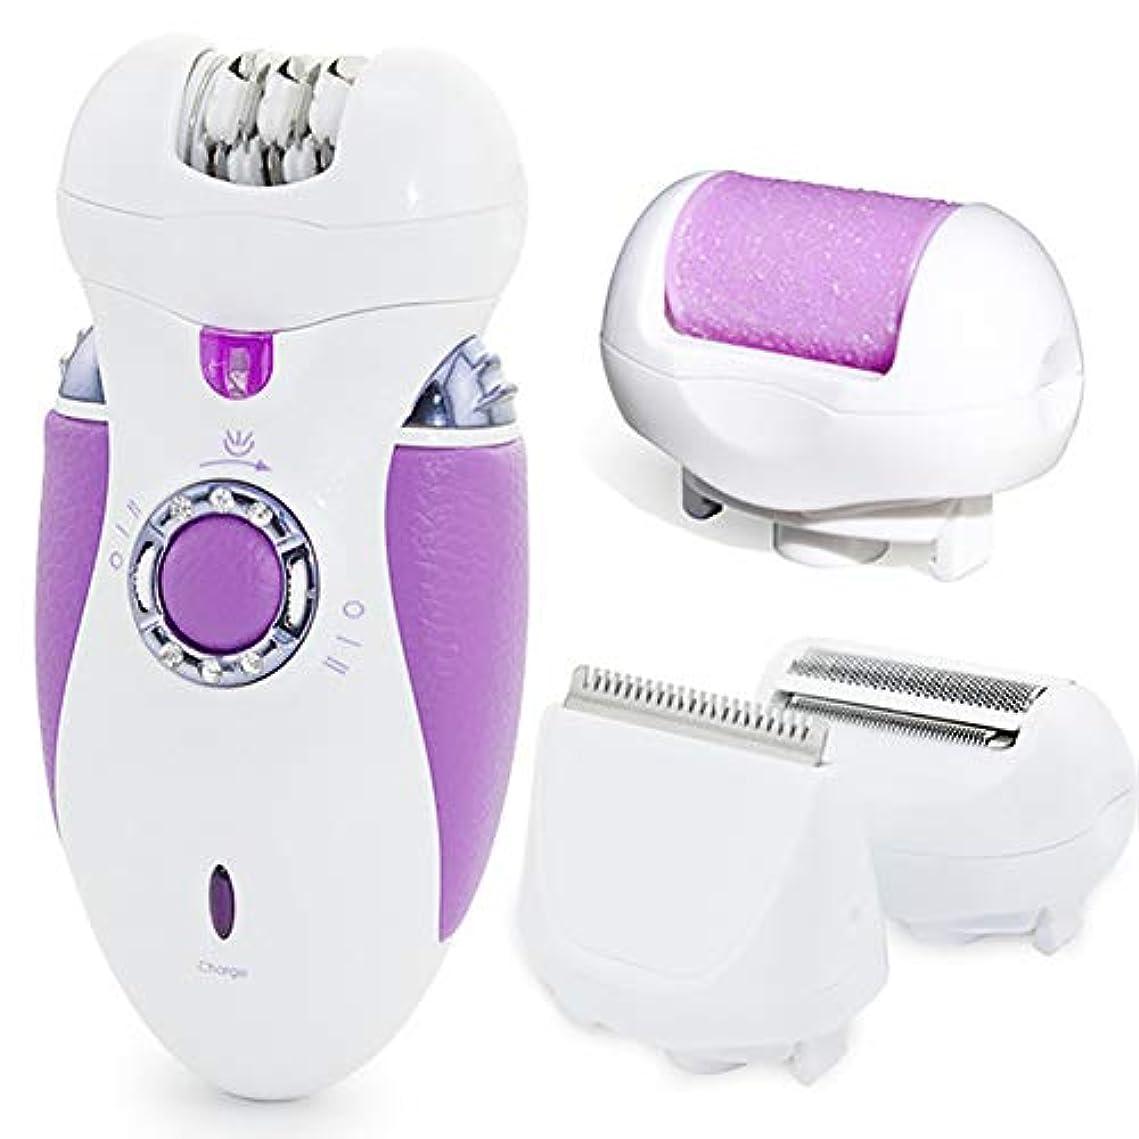 クーポン完璧注文女性のための脱毛器、1シェーバー電気かみそりを含むウェット&ドライ電気シェーバー脱毛で4防水レディー電気シェーバーコードレス,紫色